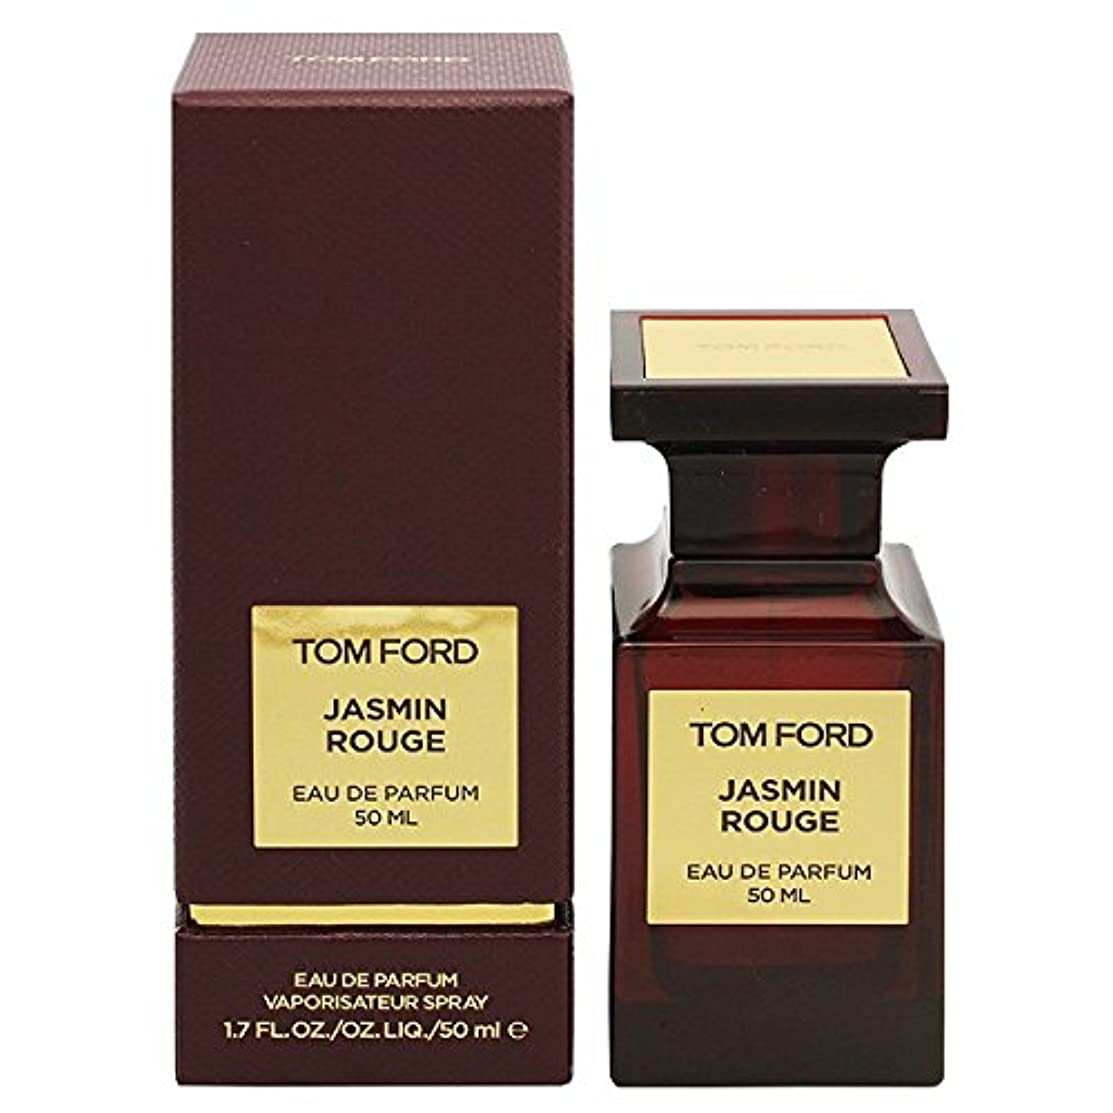 ハムロードハウス回答トムフォード TOM FORD 香水 ジャスミン ルージュ オード パルファム 50ml レディース [並行輸入品]